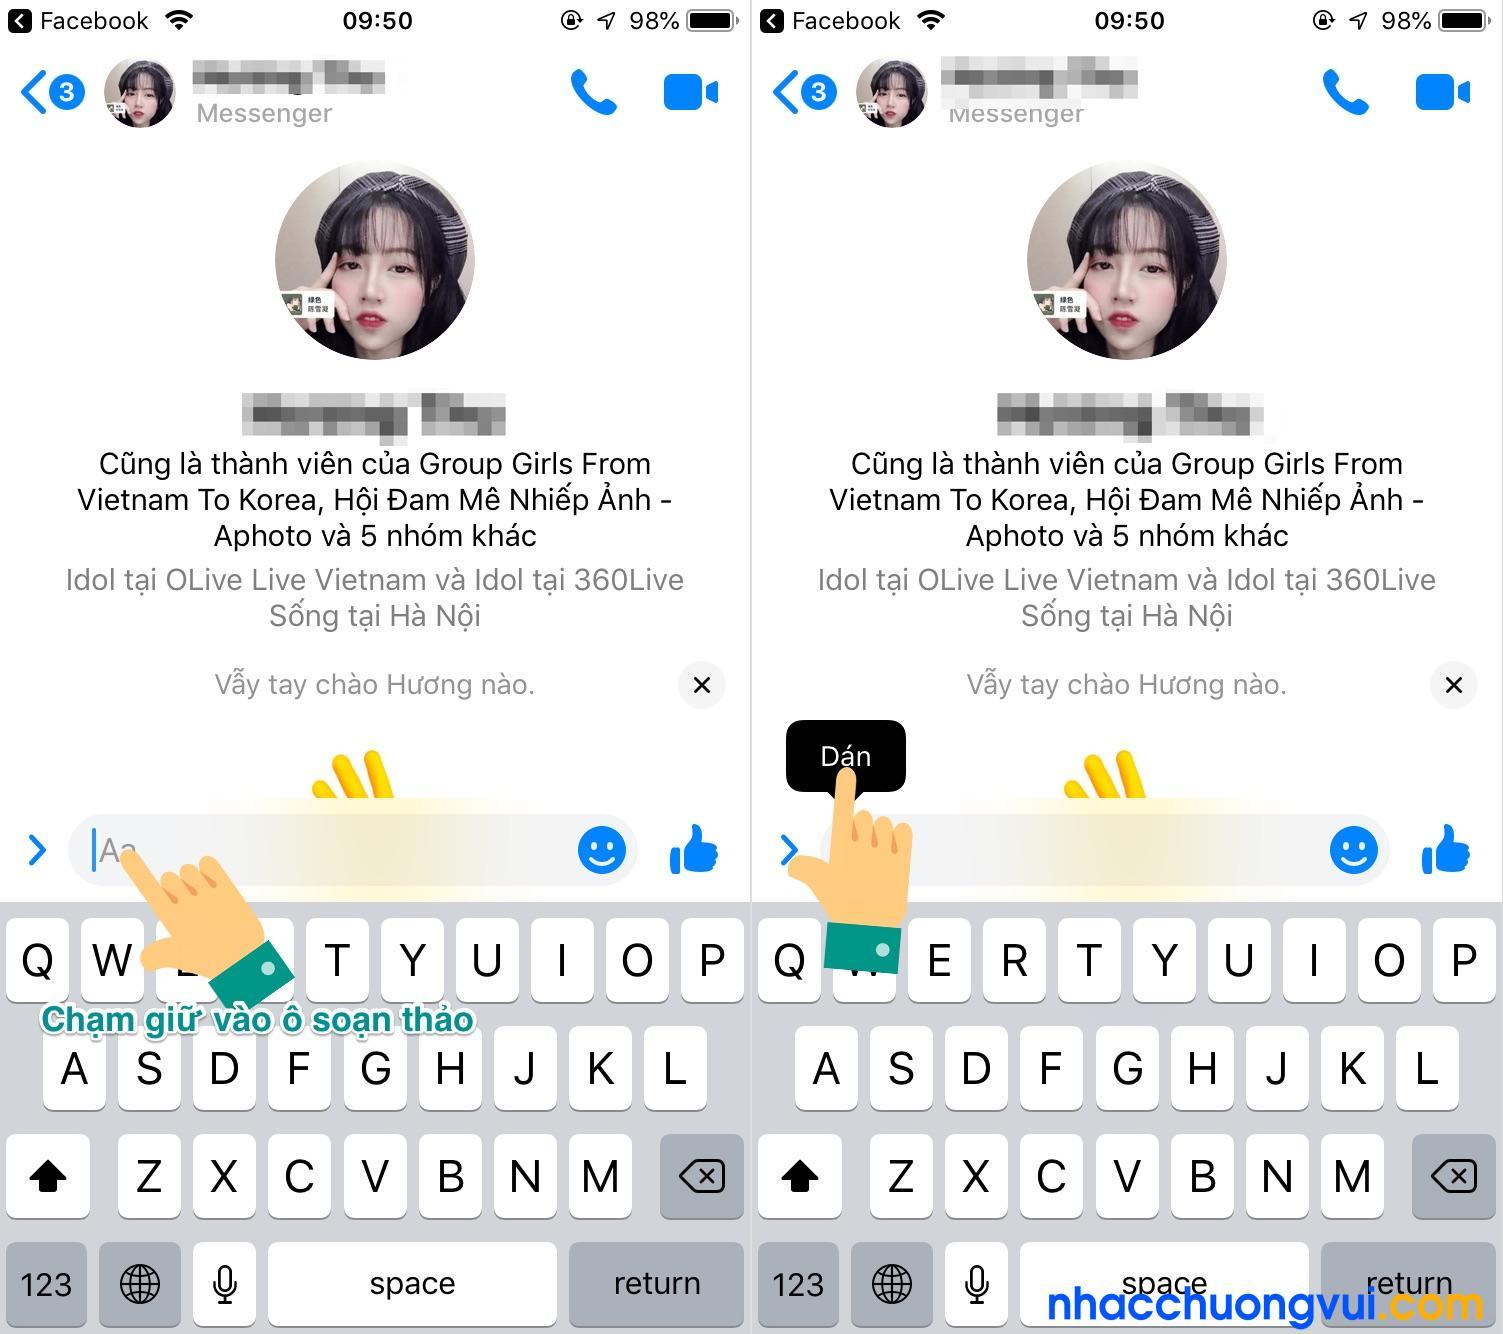 Cách dán bài viết đã copy trên Facebook để gửi đi bằng điện thoại